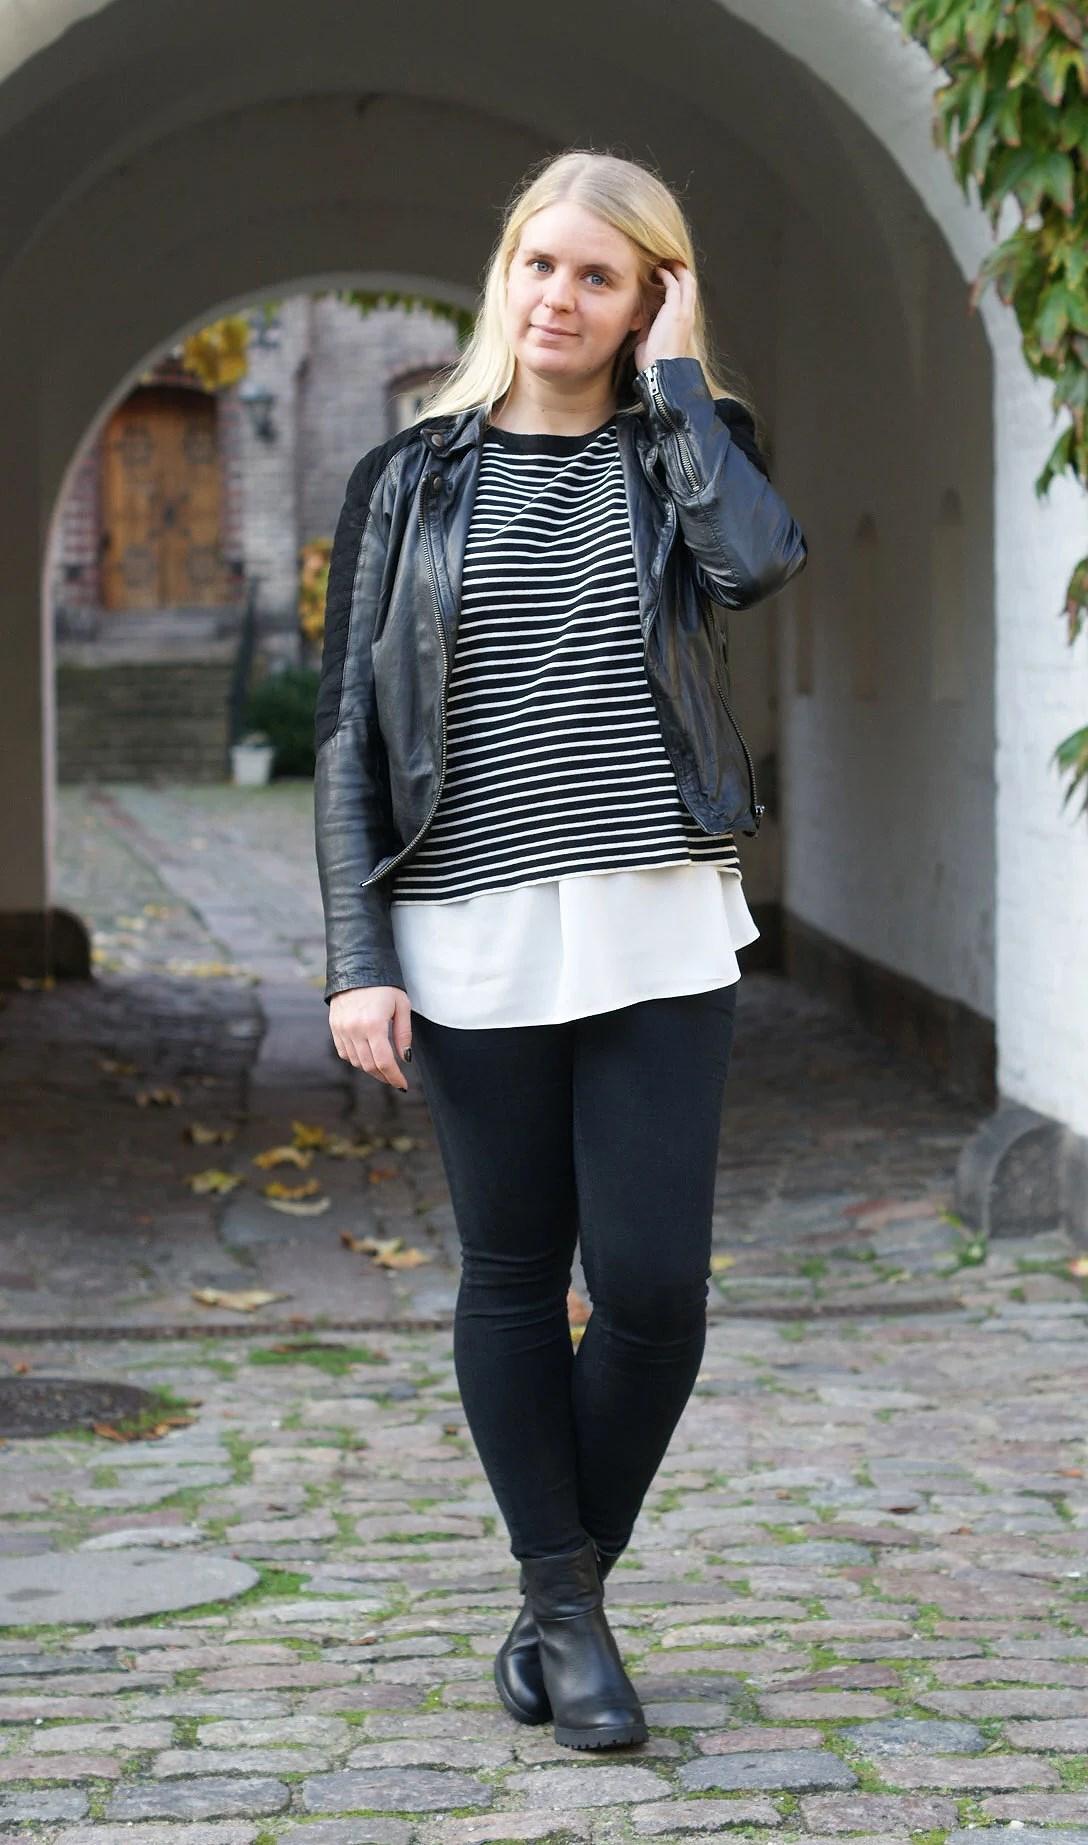 Modeblogger i Aalborg, Aalborg blog